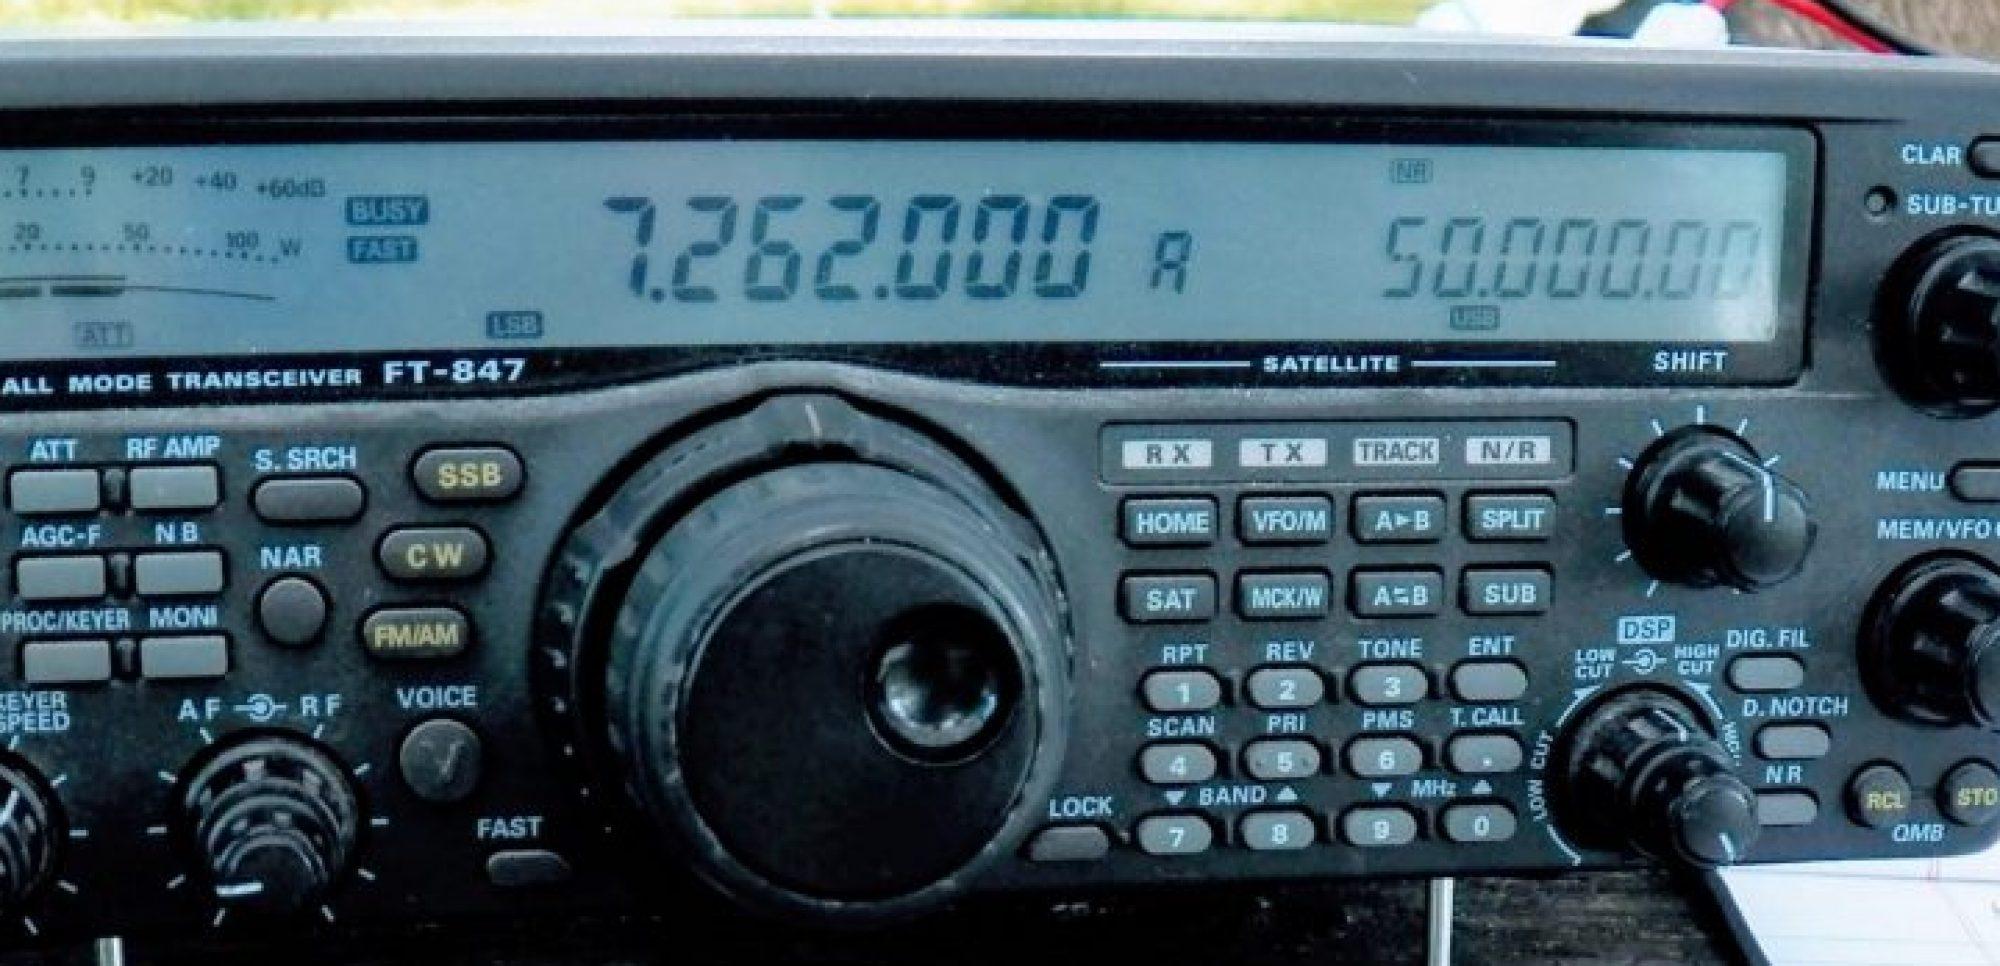 CHIPPEWA VALLEY AMATEUR RADIO CLUB